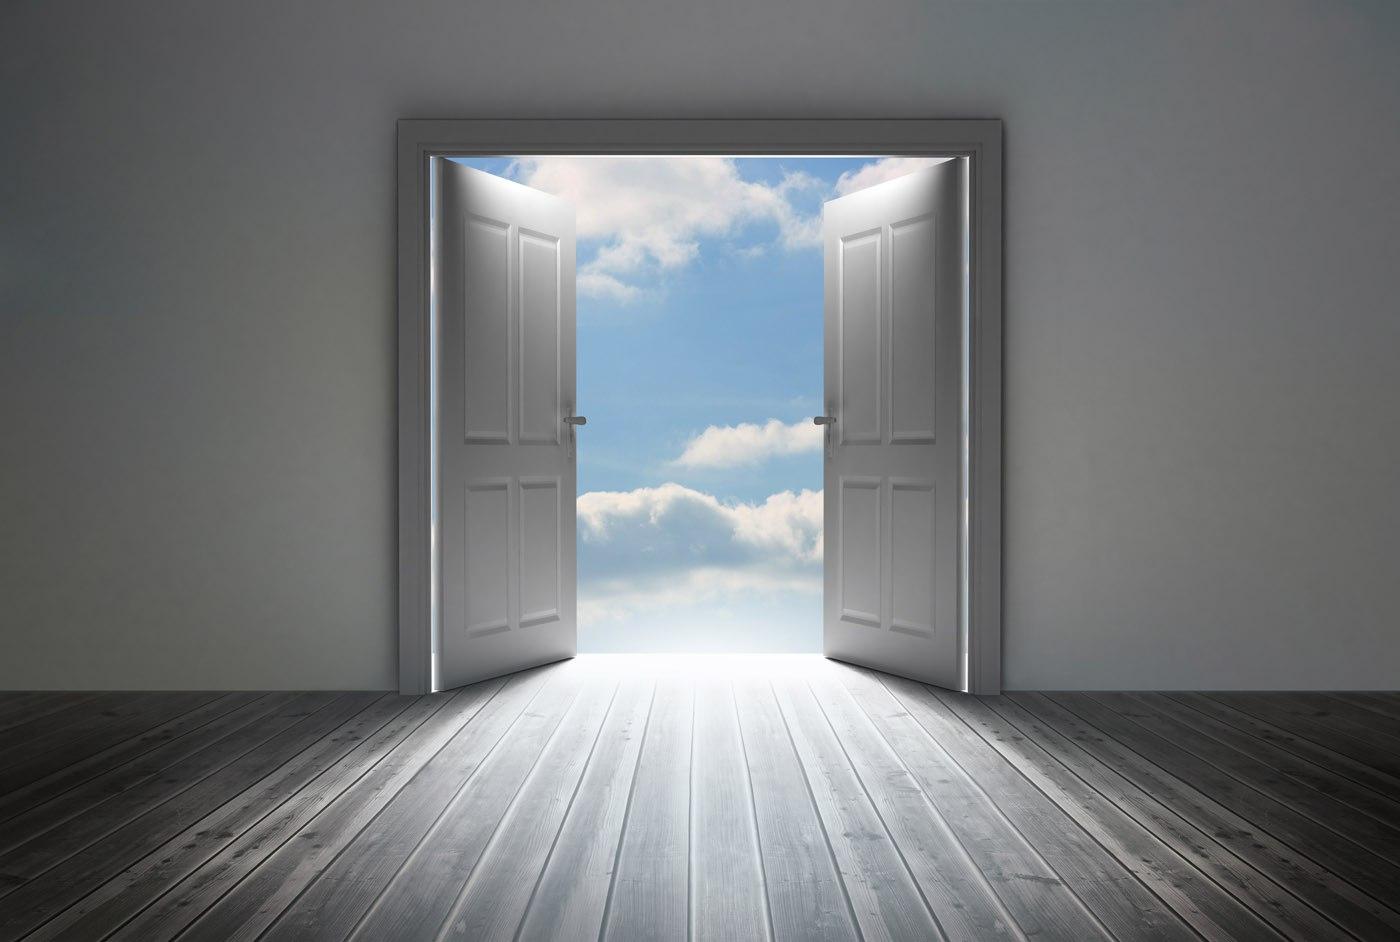 cloud_doorway